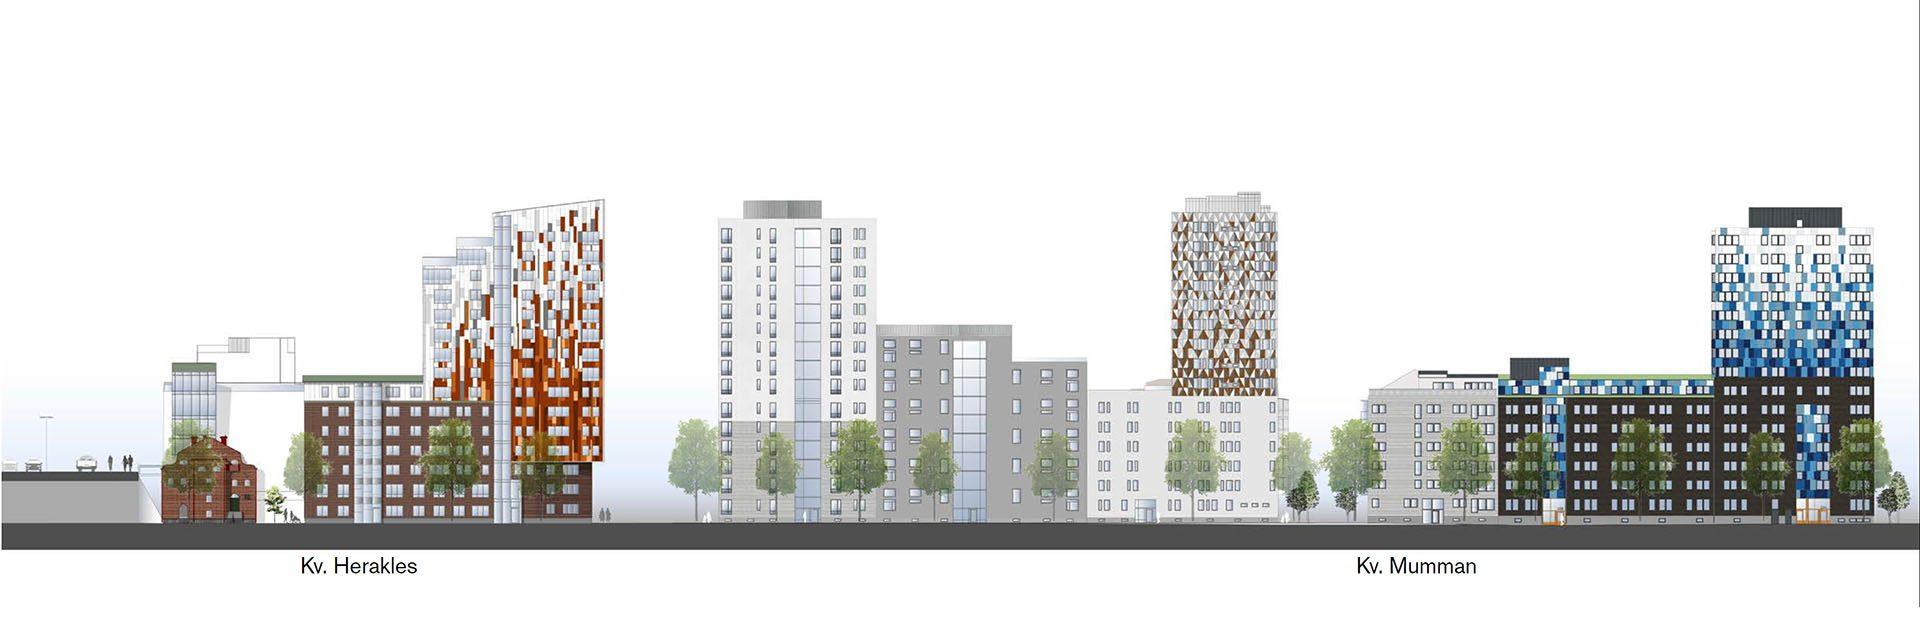 Översiktsbild av byggprojektet Muréngatan